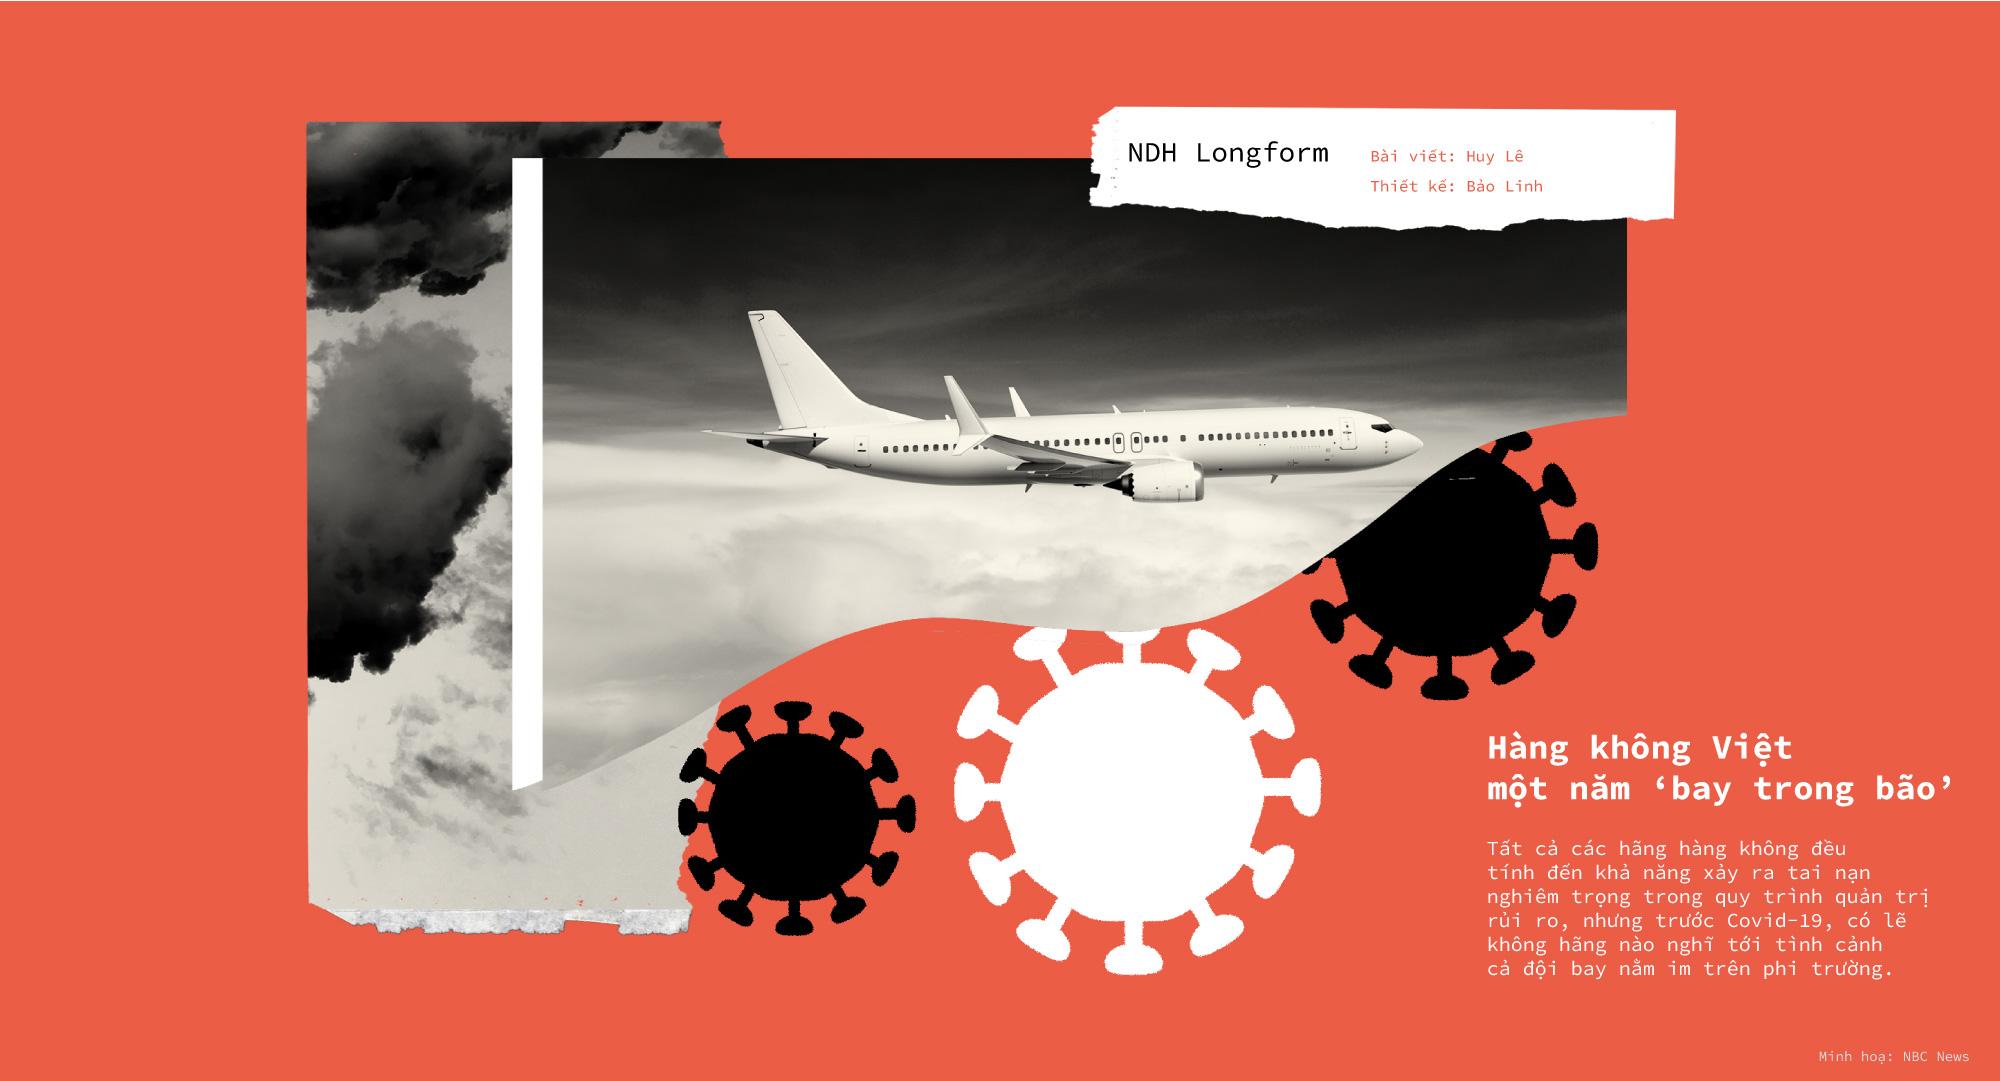 Hàng không Việt một năm 'bay trong bão' - Ảnh 1